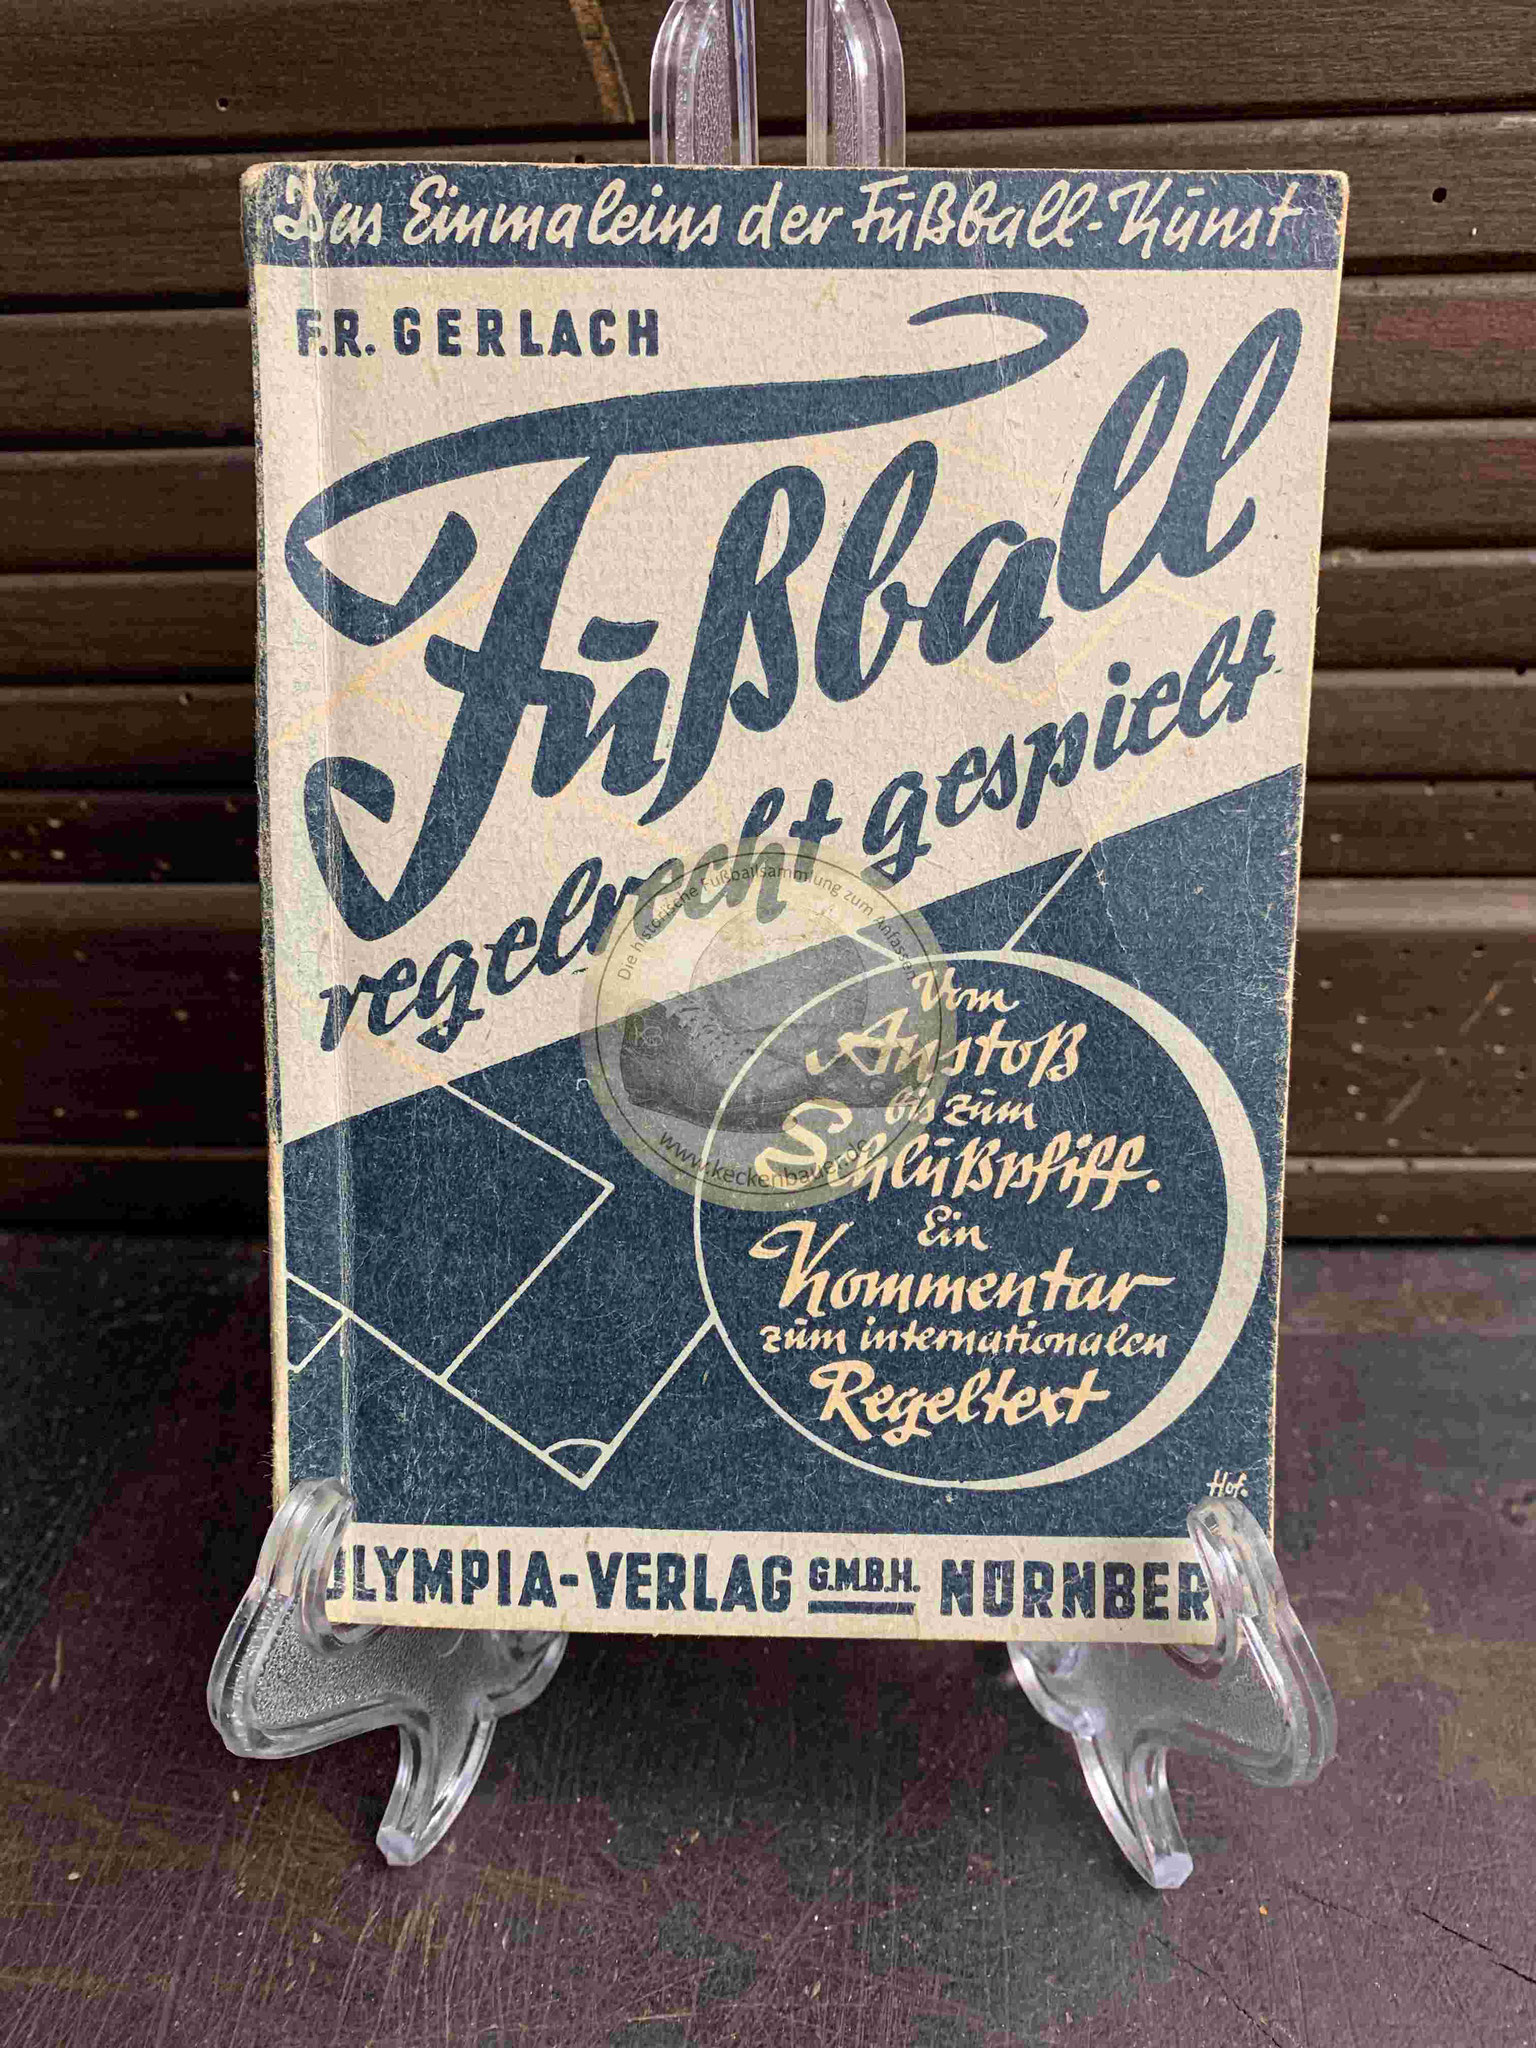 Fußball regelgerecht gespielt vom Olympia Verlag Nürnberg aus dem Jahr 1948